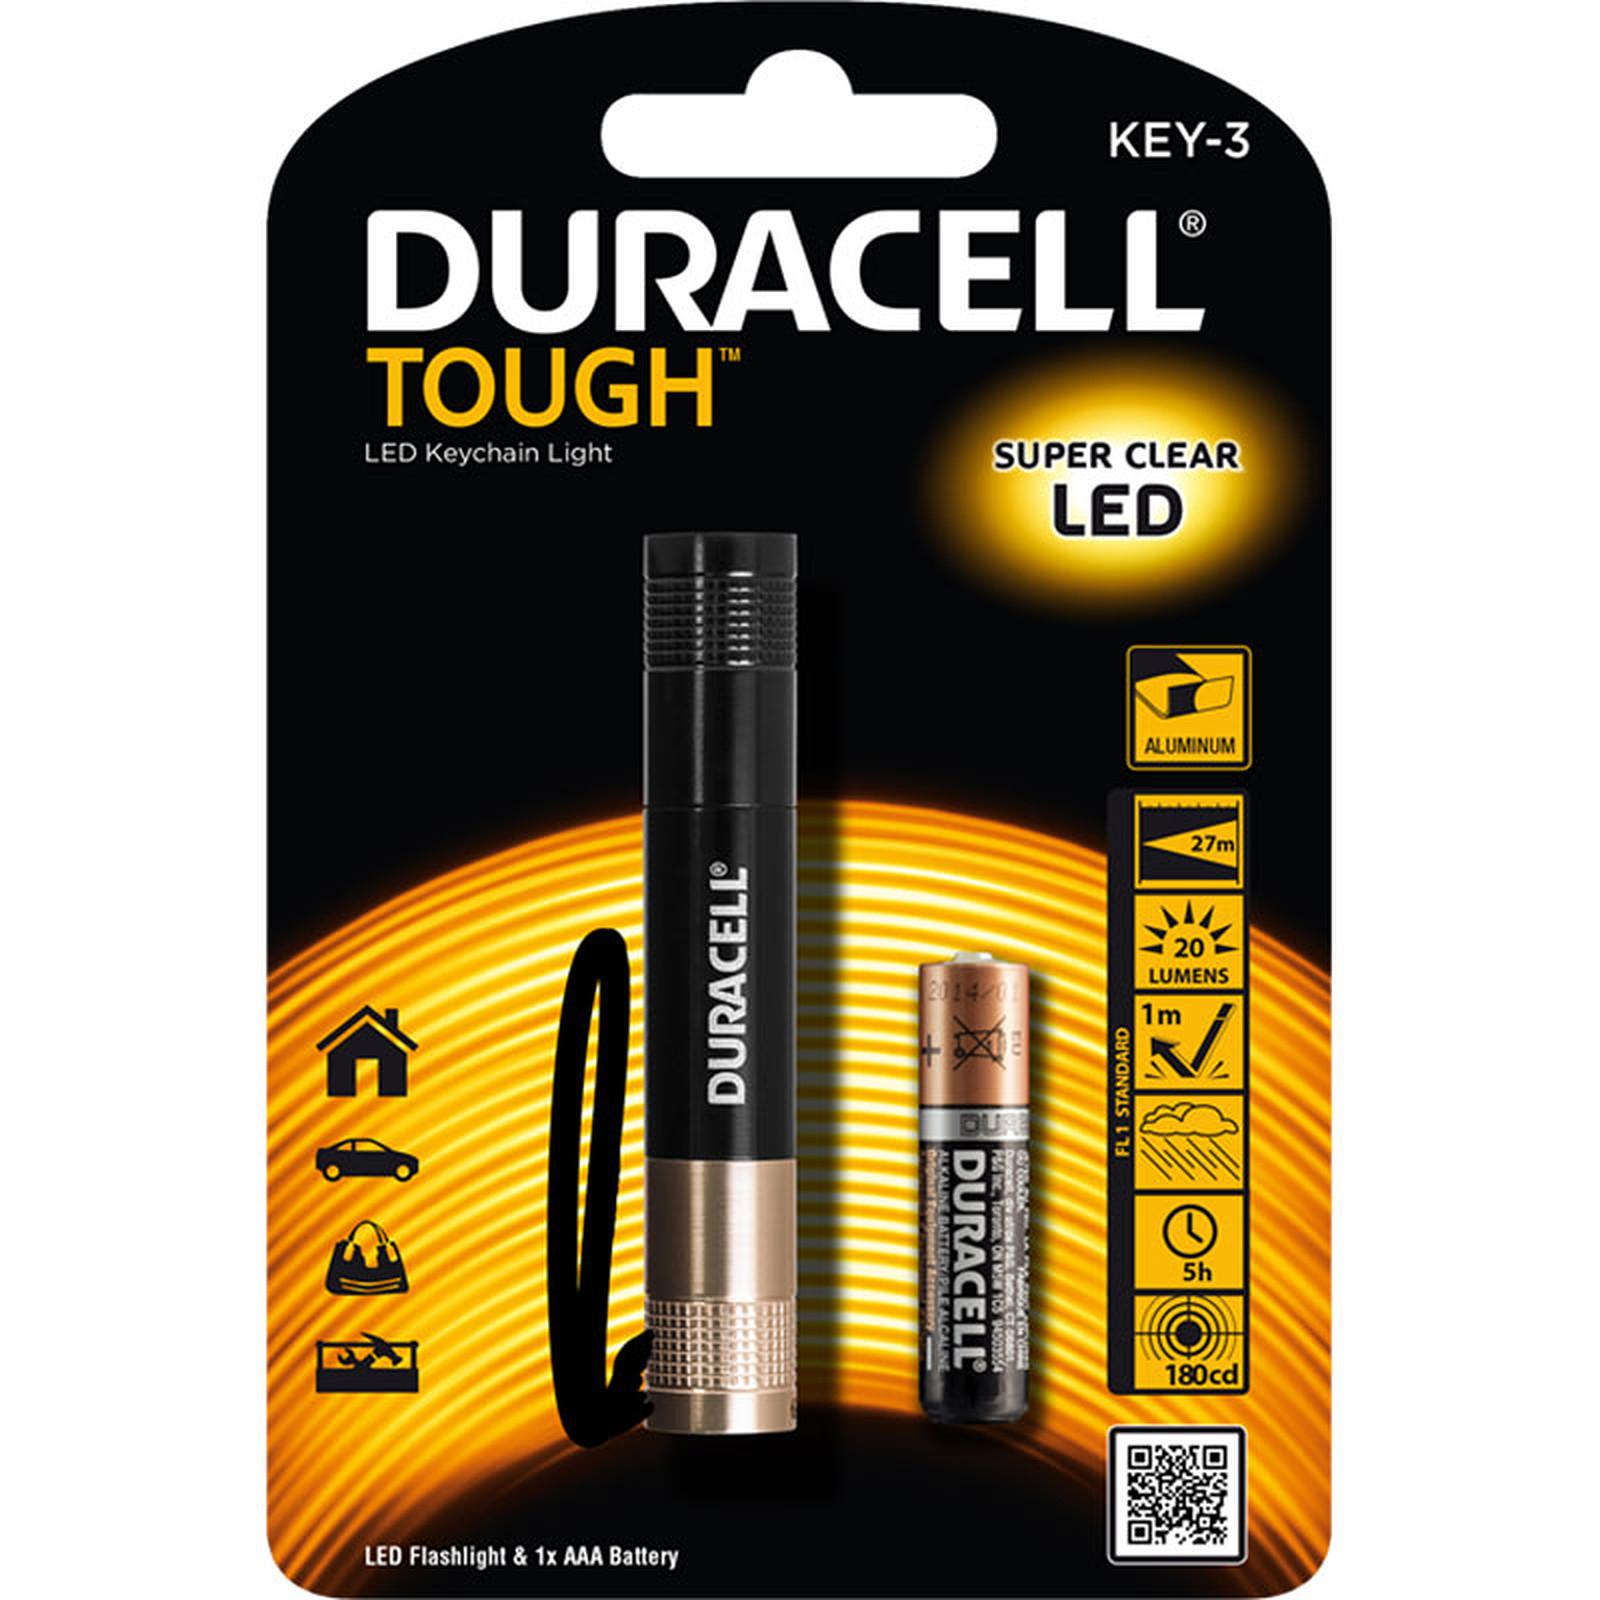 Duracell Tough Key-3